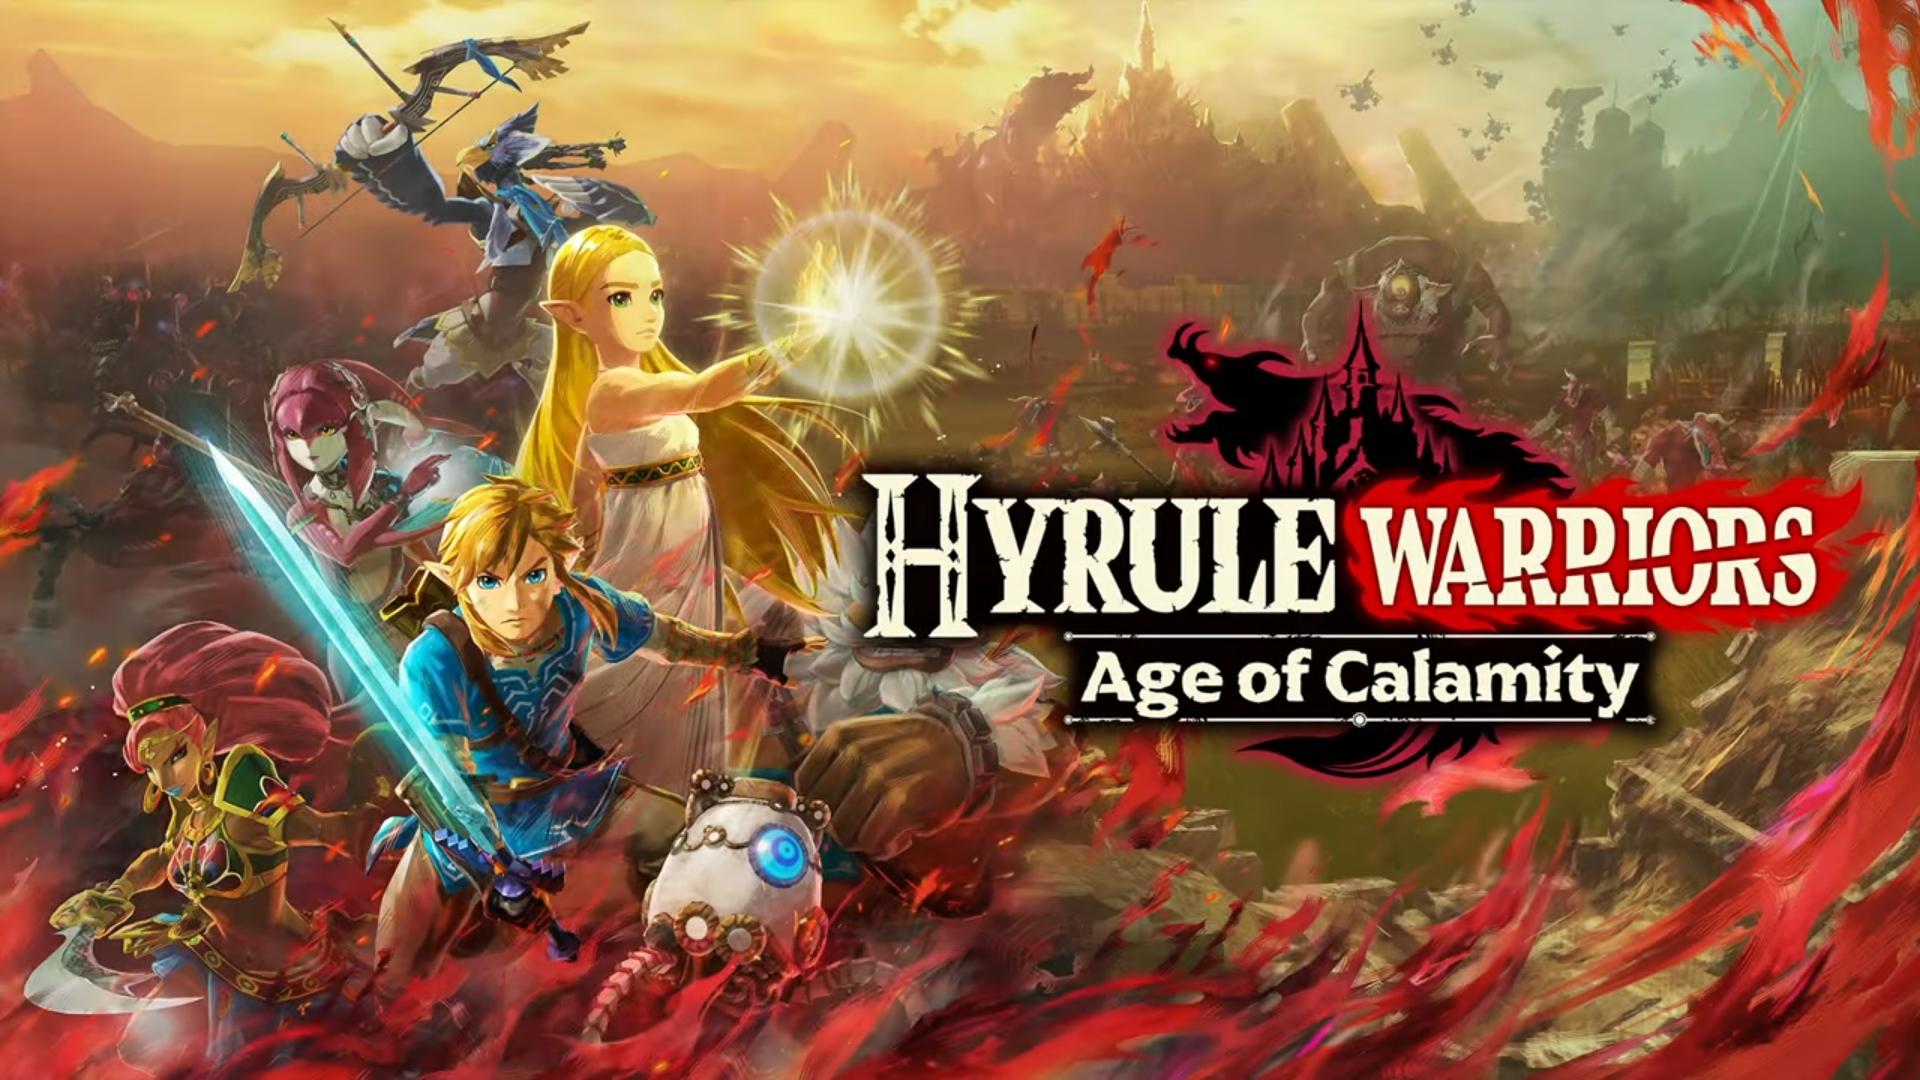 Hyrule Warriors: Age of Calamity revelado, uma prequela de Breath of Wild